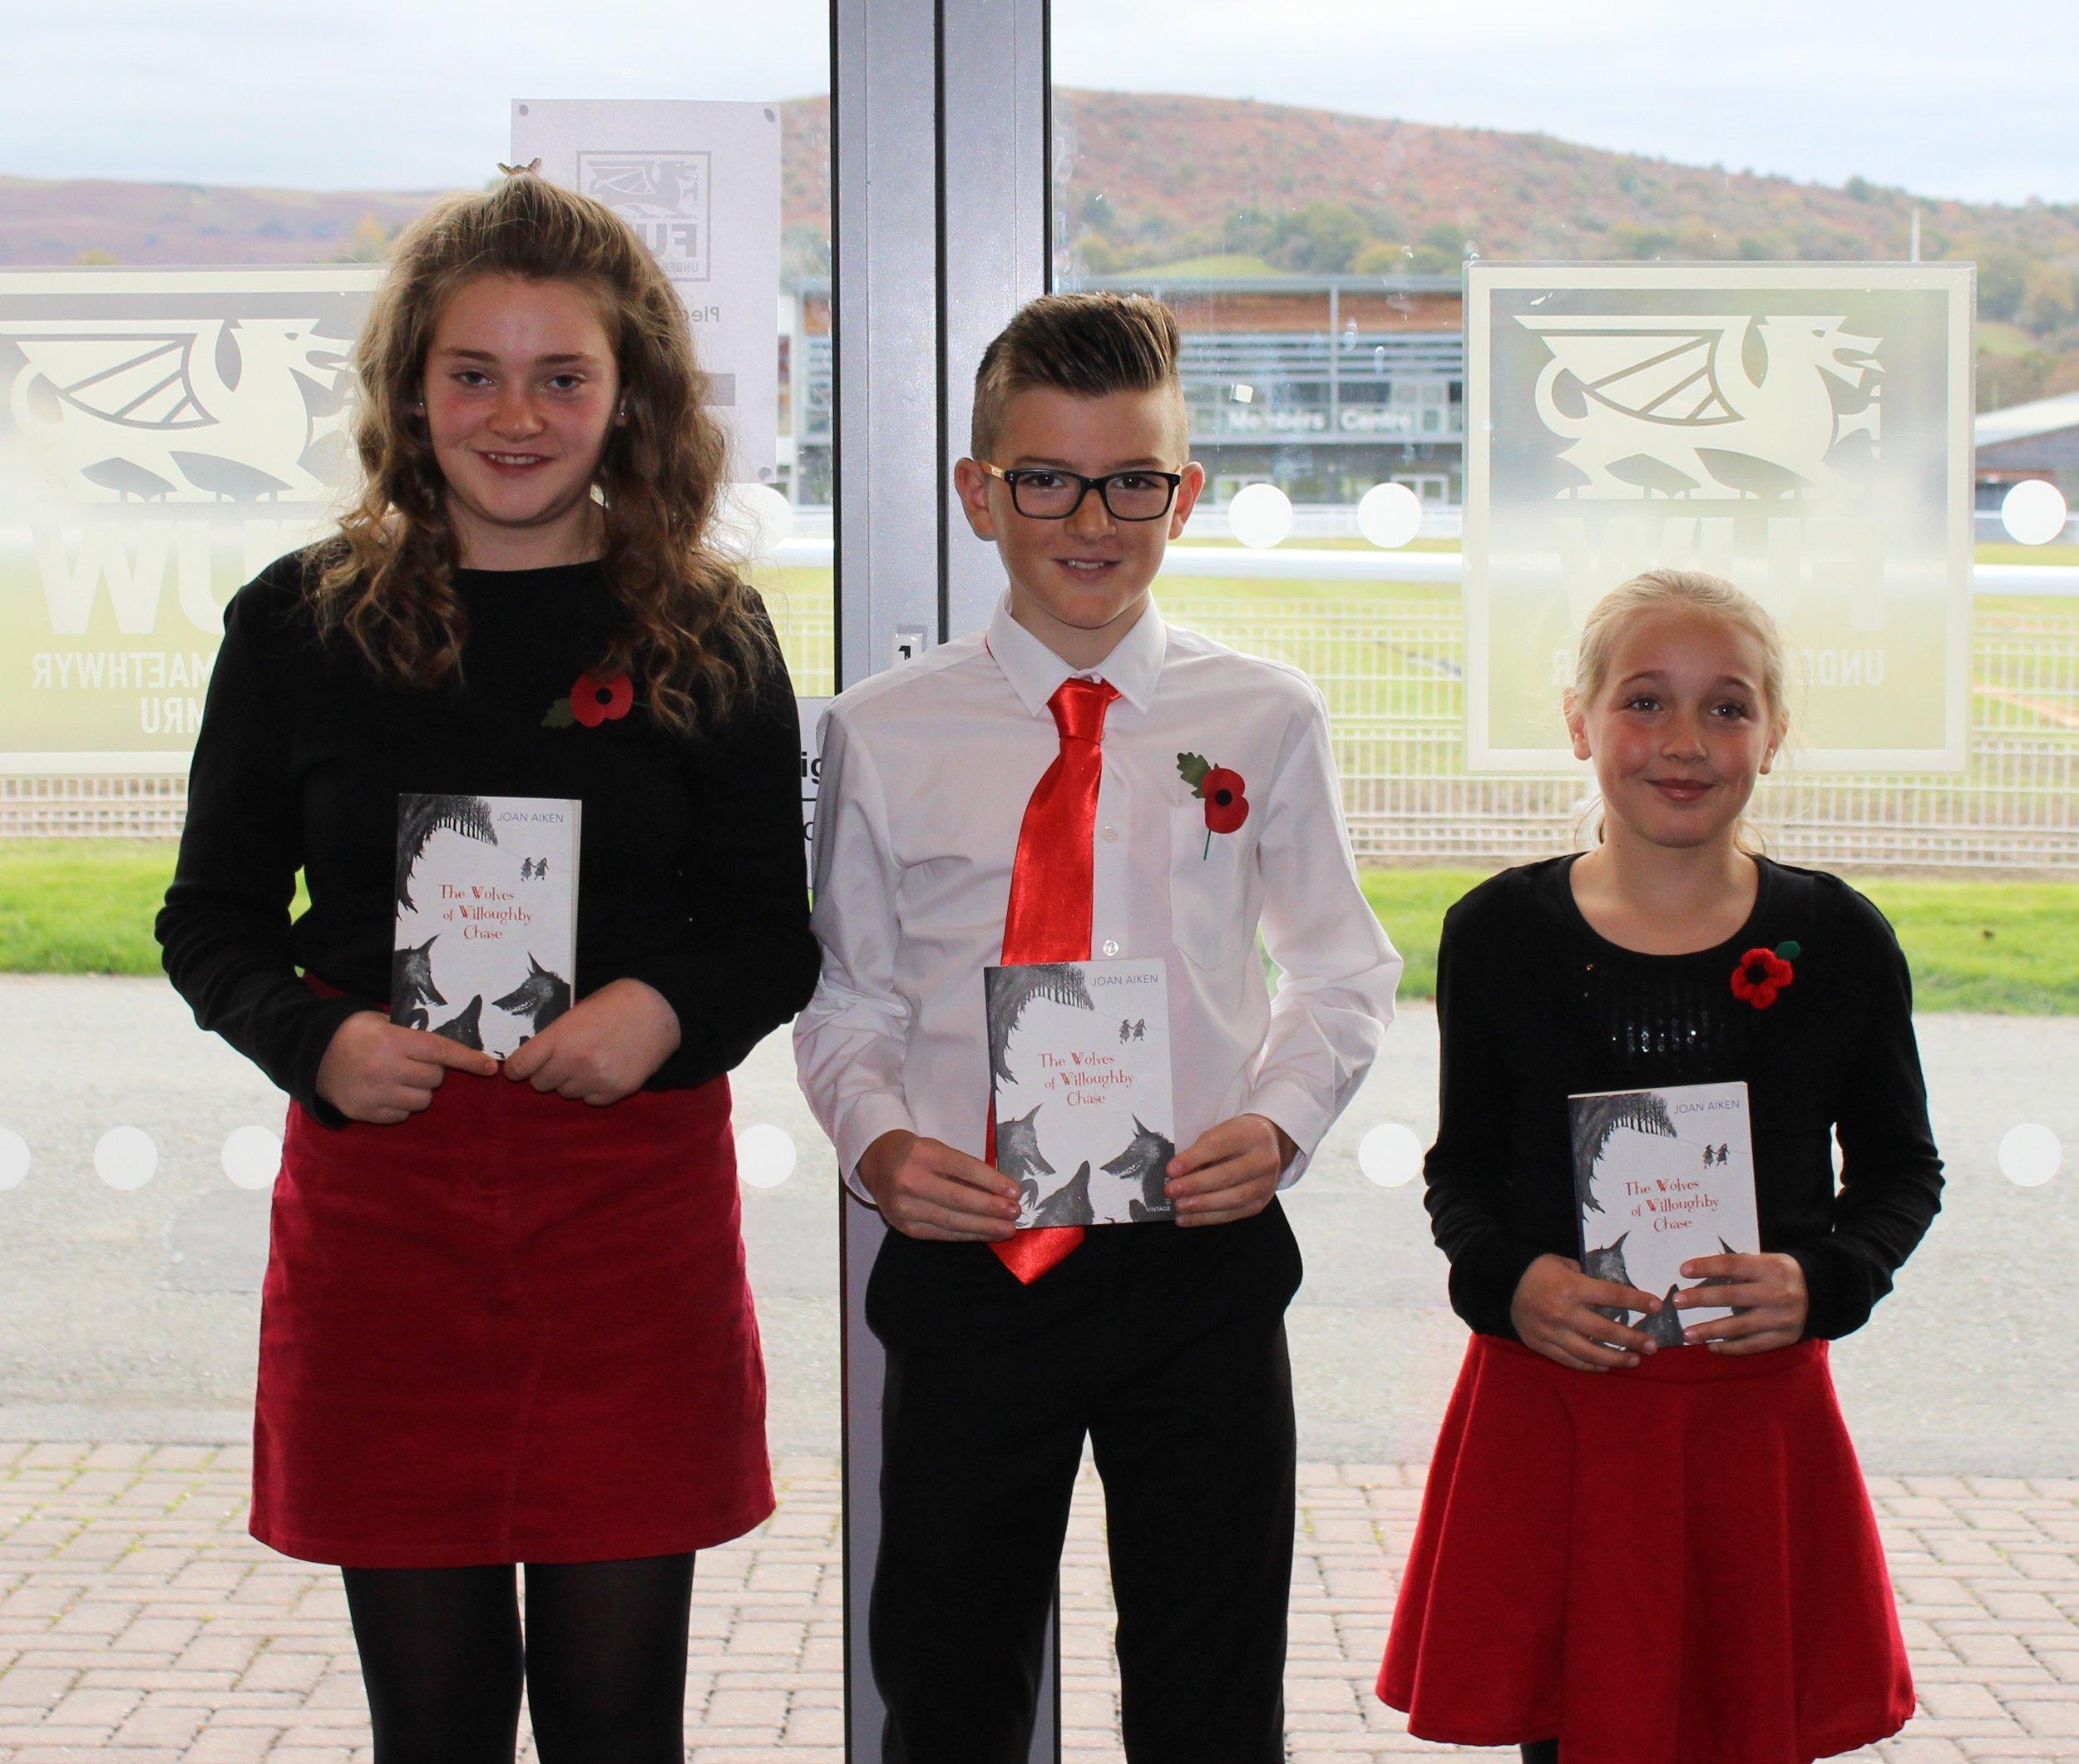 Aberedw YFC - Katie Jones, Thomas Edwards & Seren Cook